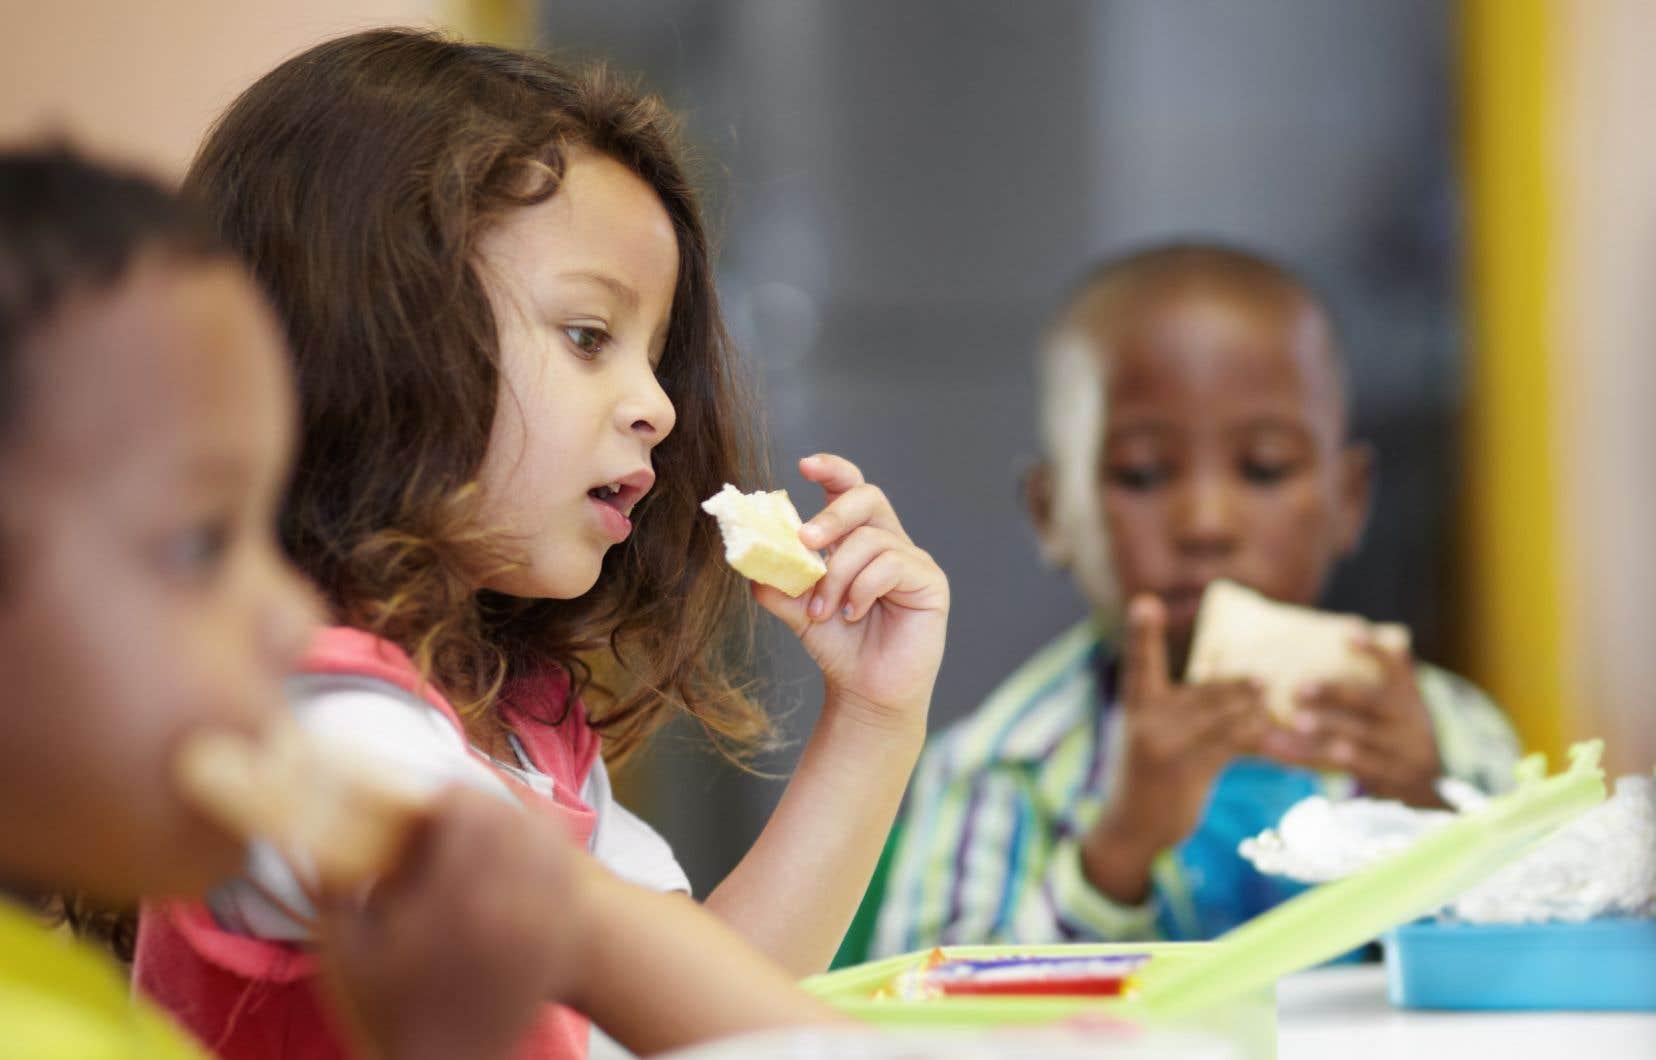 Les commissions scolaires pourront profiter de l'argent supplémentaie pour offrir le soutien alimentaire qui devait être retiré dans plusieurs écoles.